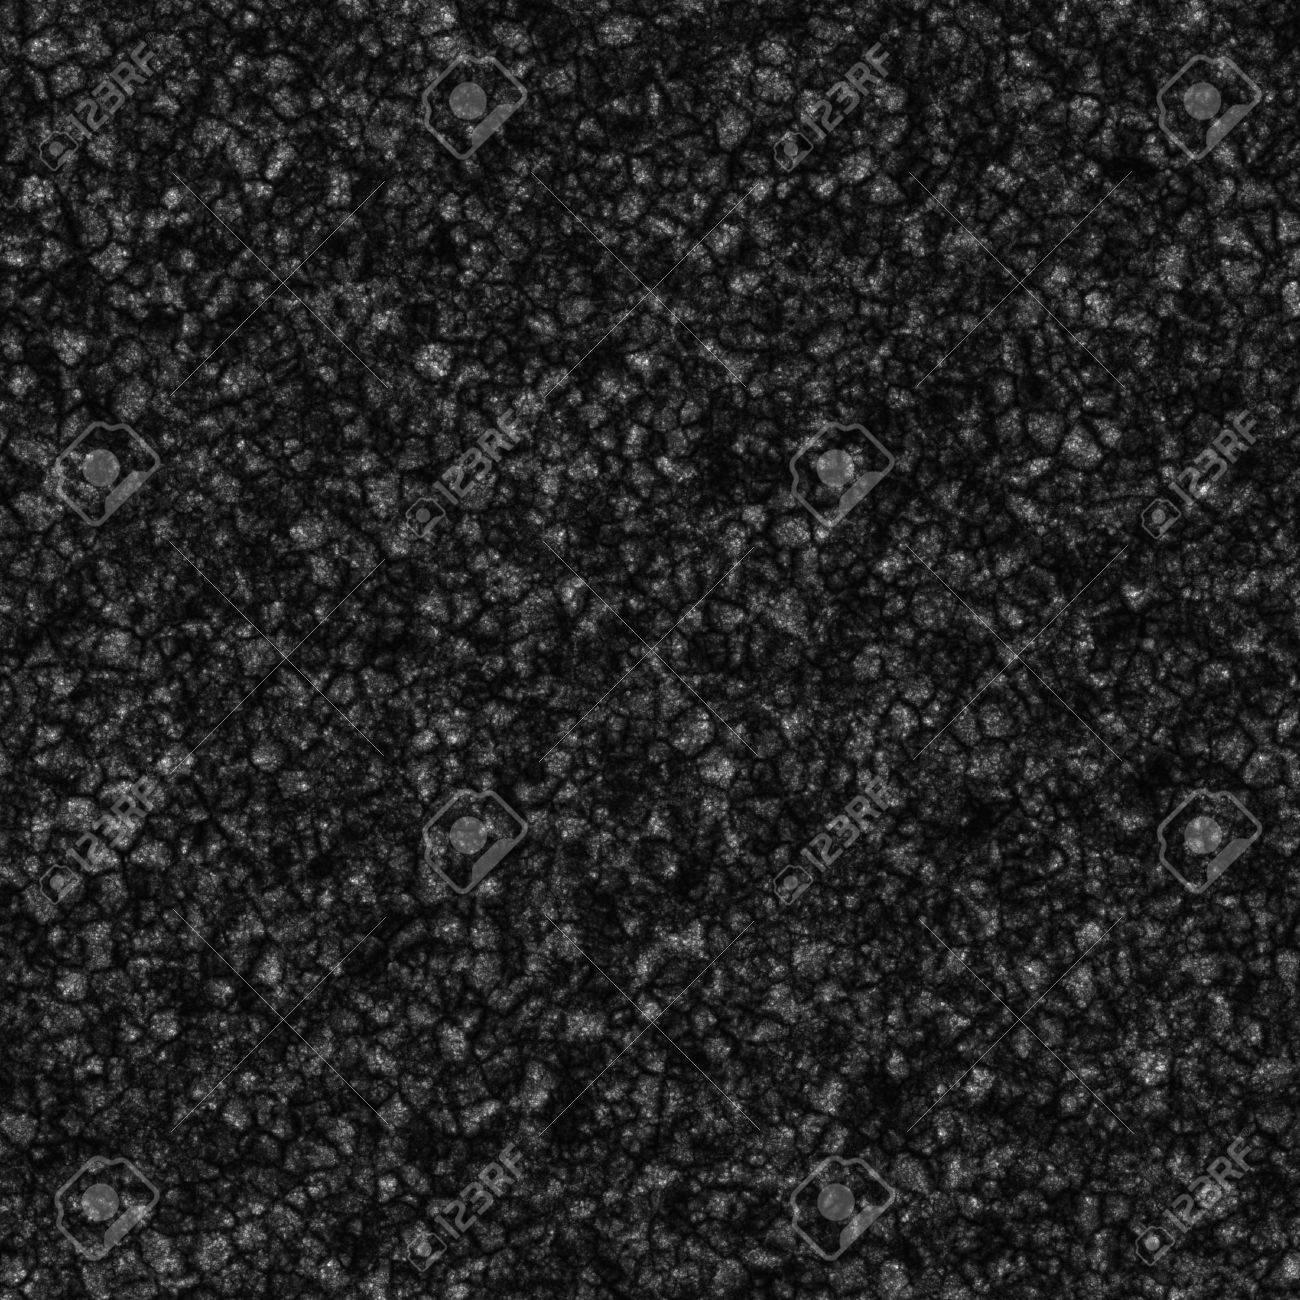 asphalt texture Stock Photo - 22256957